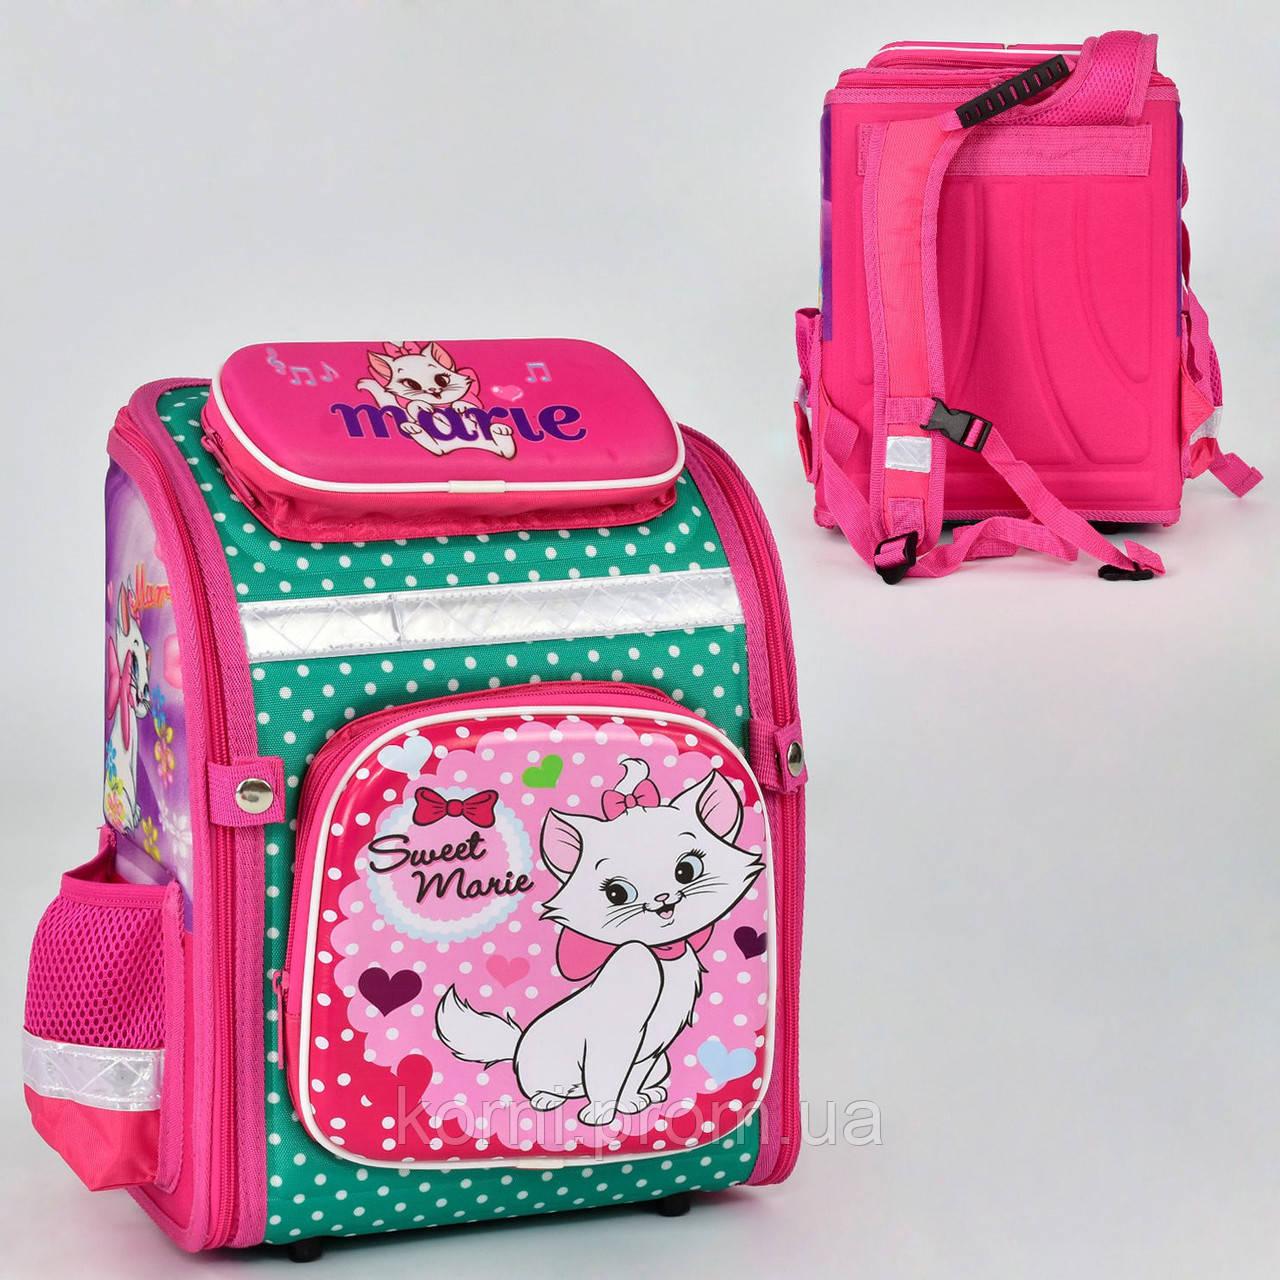 67a7e43e1226 Детский школьный рюкзак